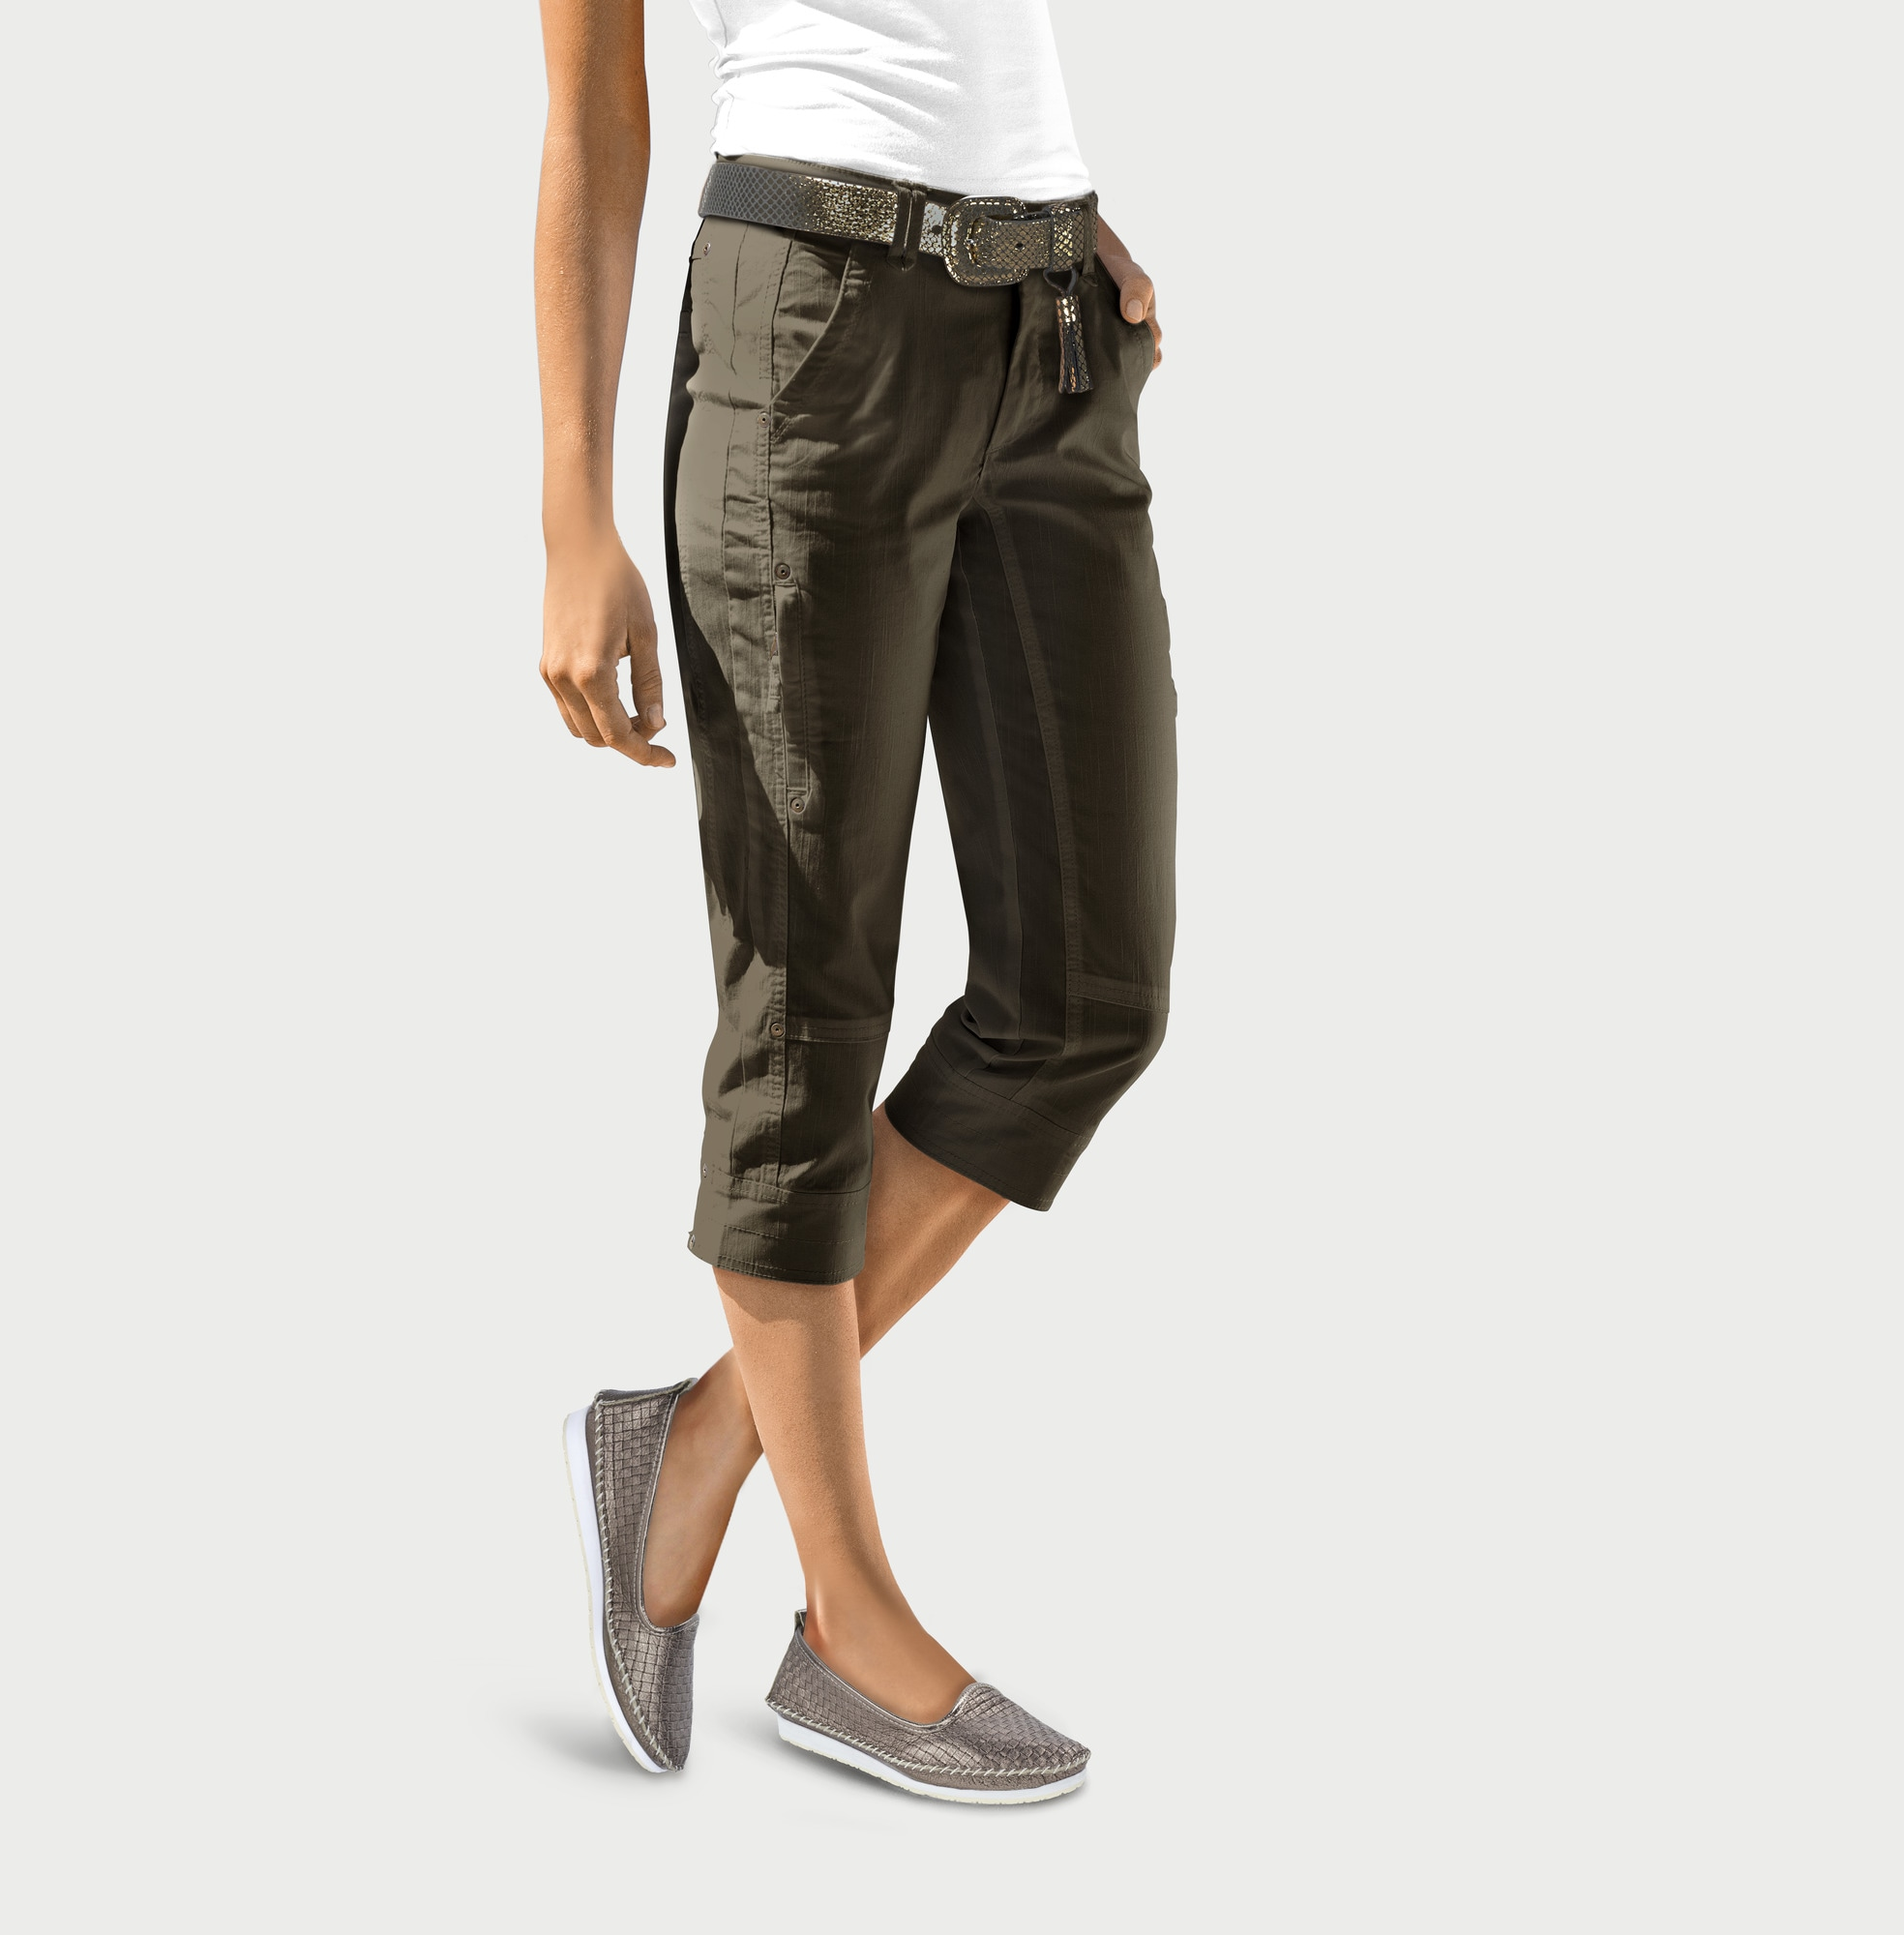 heine CASUAL Caprihose mit Reißverschluss-Taschen | Bekleidung > Hosen > Caprihosen | Grün | Elasthan | Heine Casual